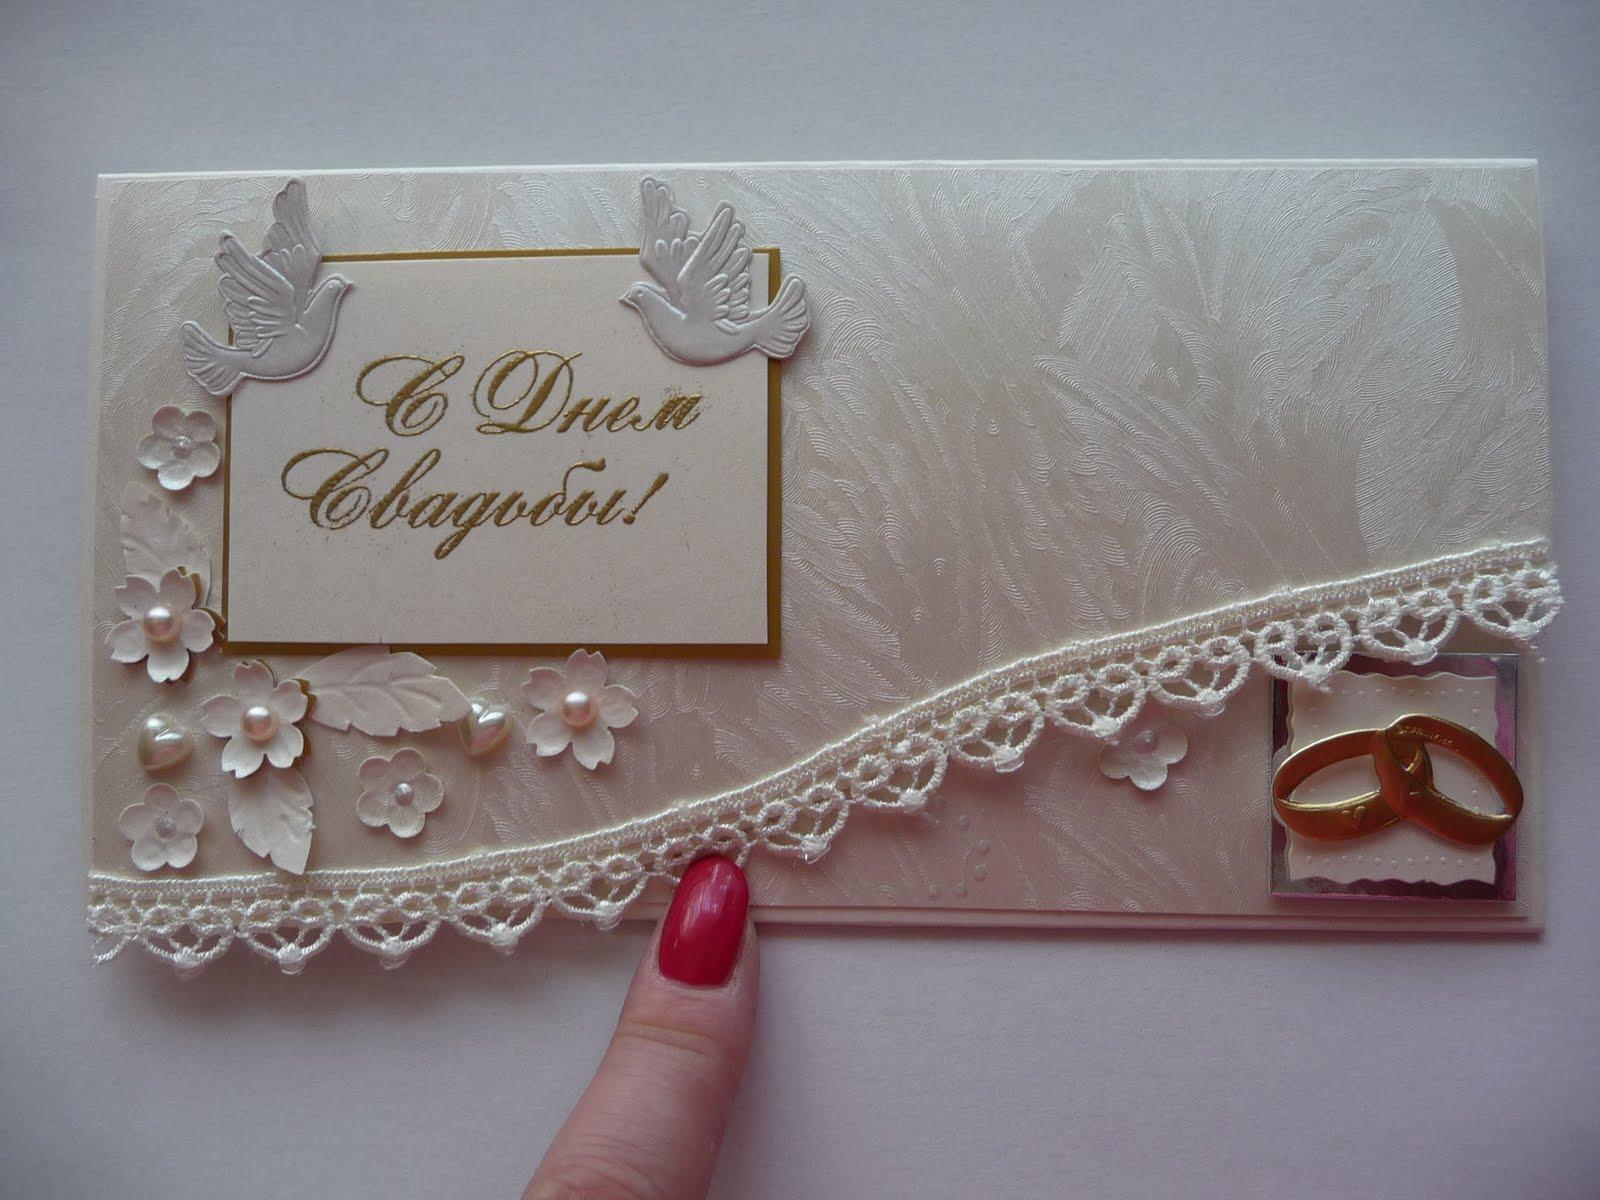 Конверт с днём свадьбы своими руками